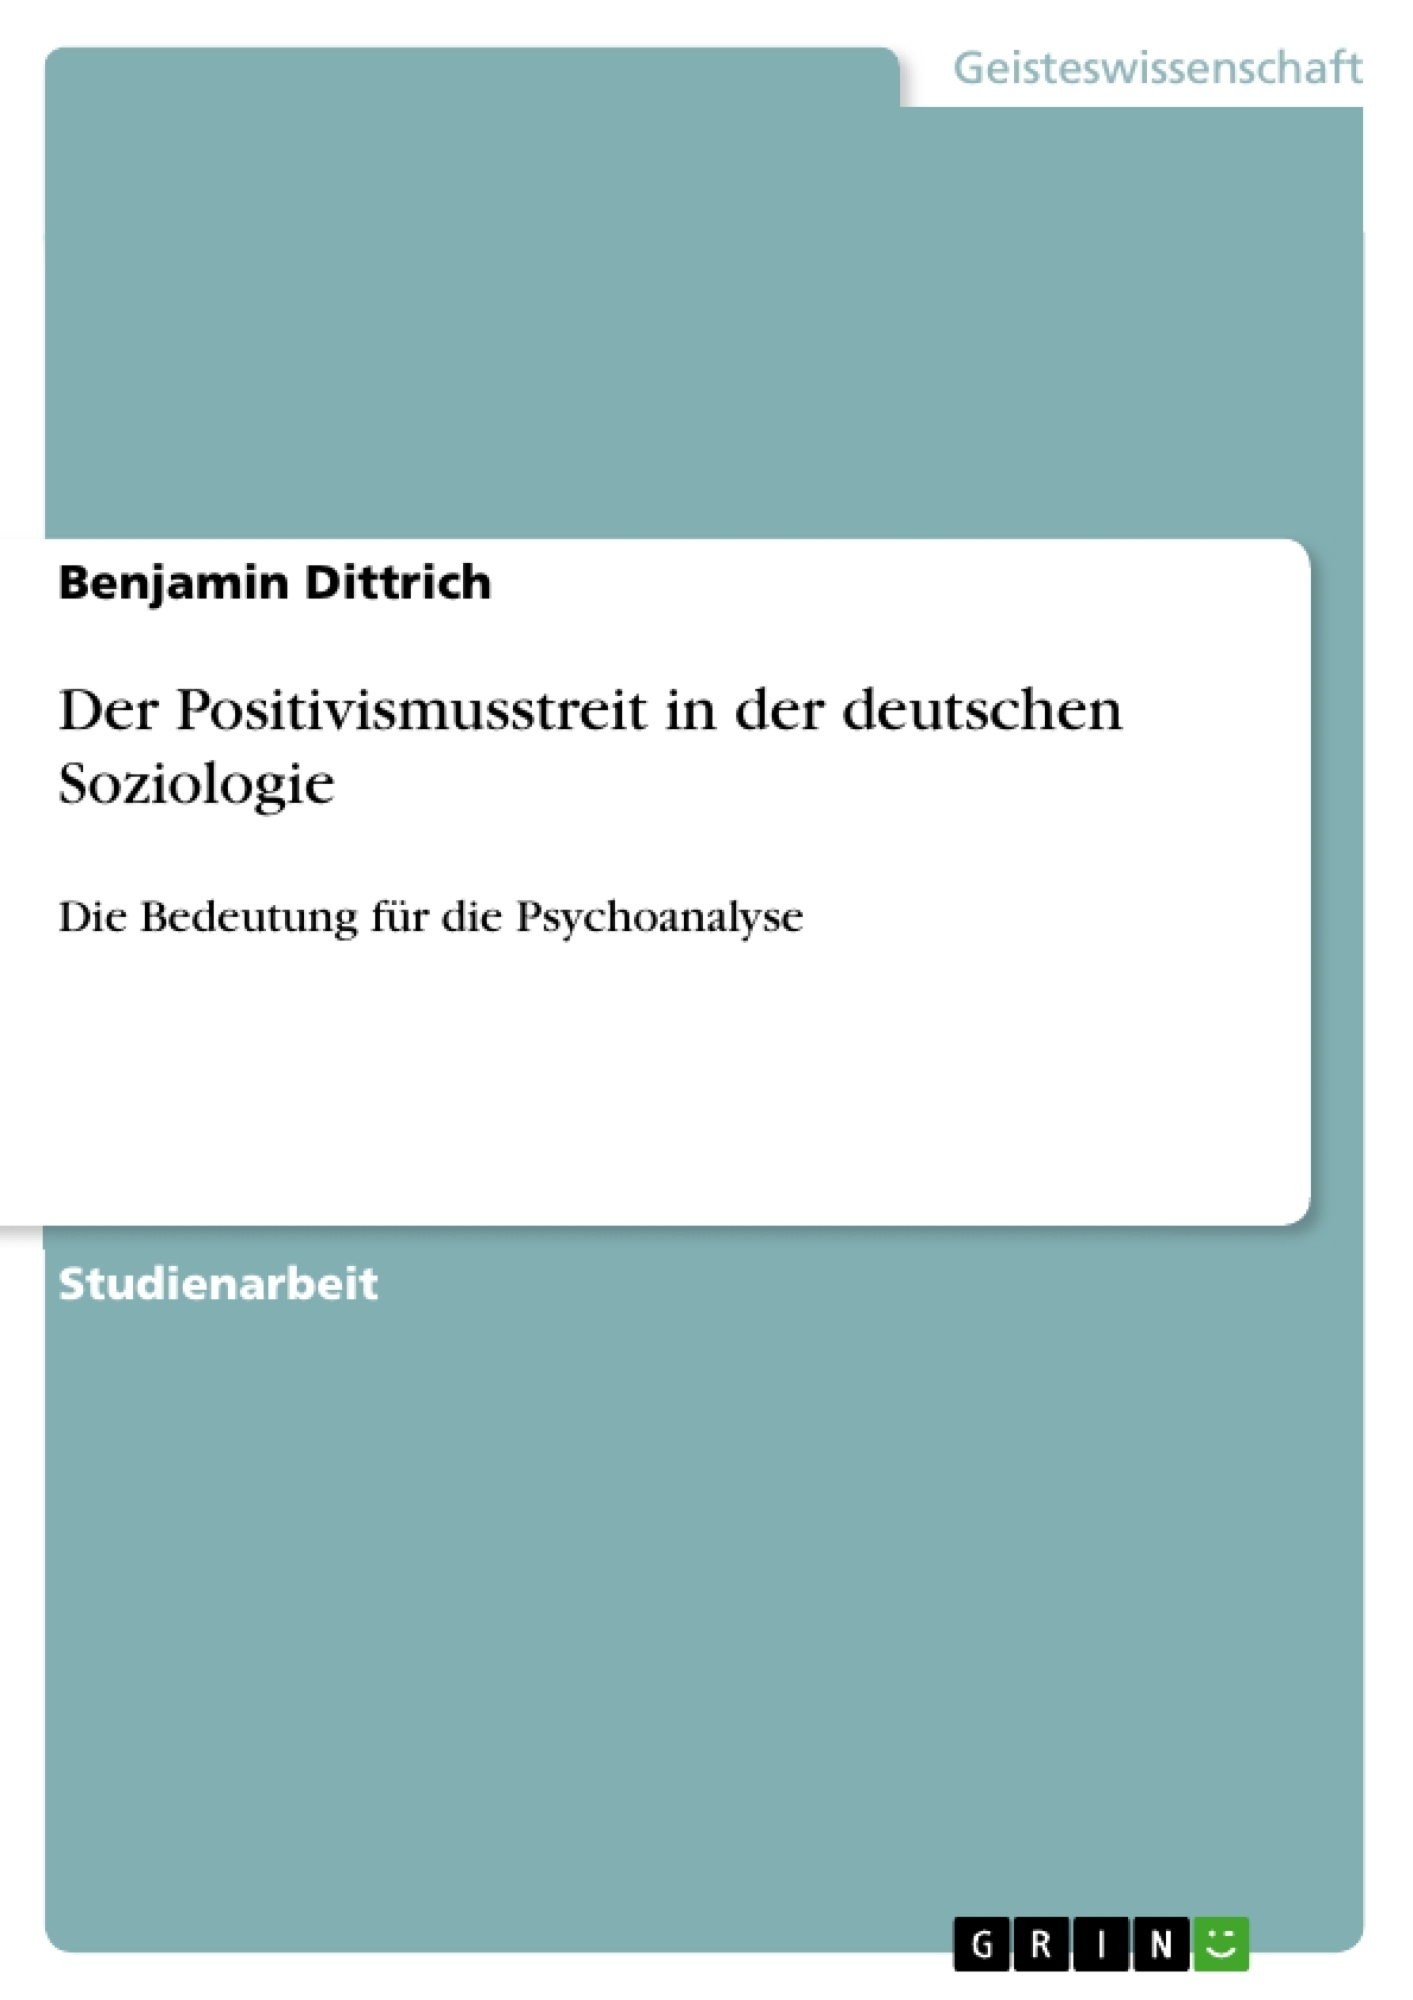 Titel: Der Positivismusstreit in der deutschen Soziologie